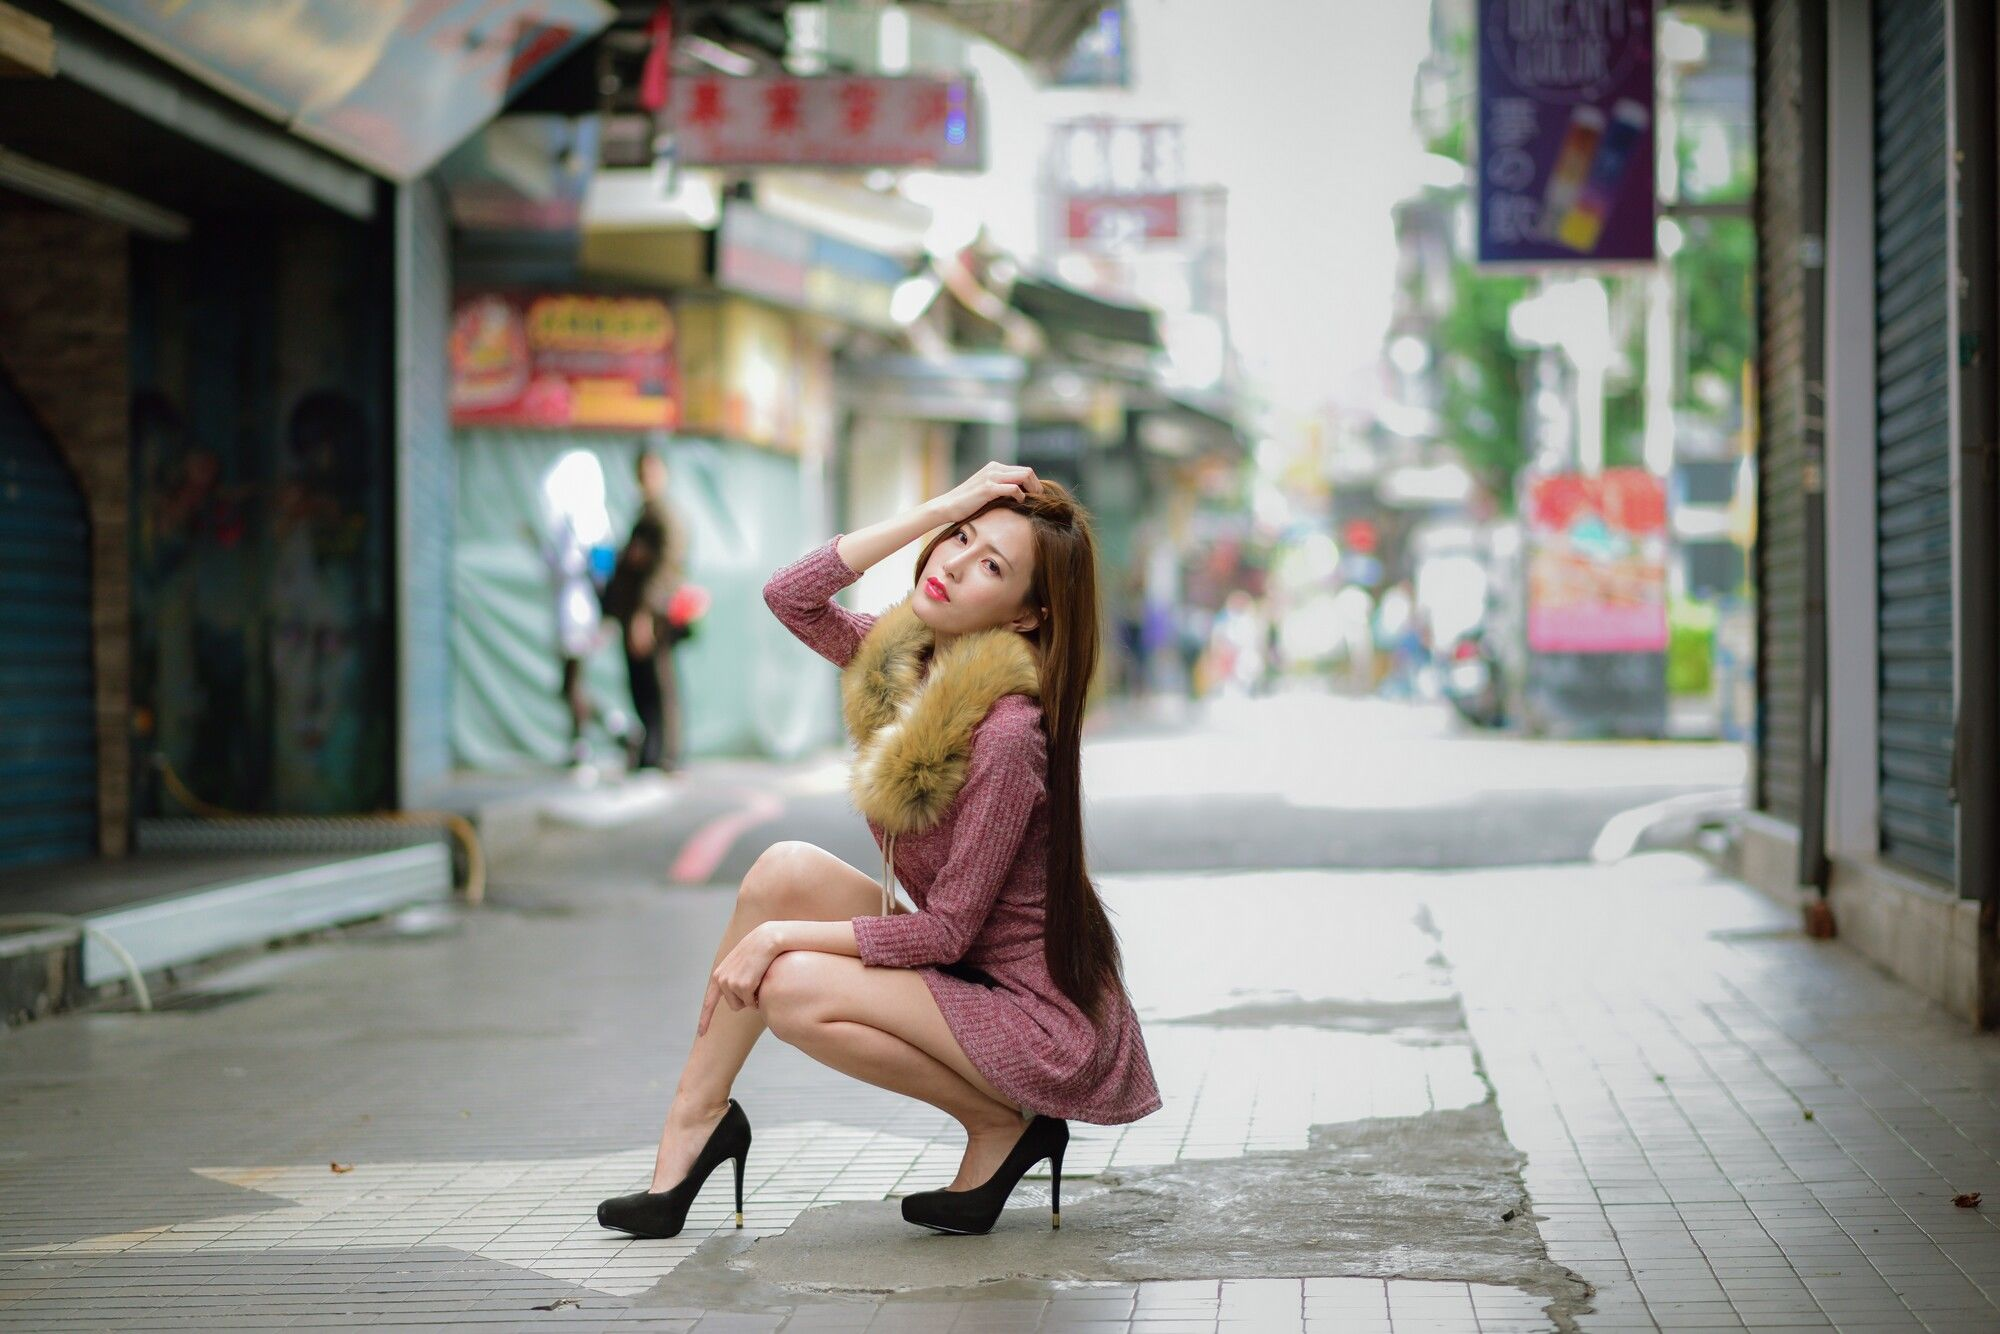 VOL.214 [台湾正妹]热裤长腿美女街拍短裙:黄艾比(腿模Abbie)超高清个人性感漂亮大图(45P)